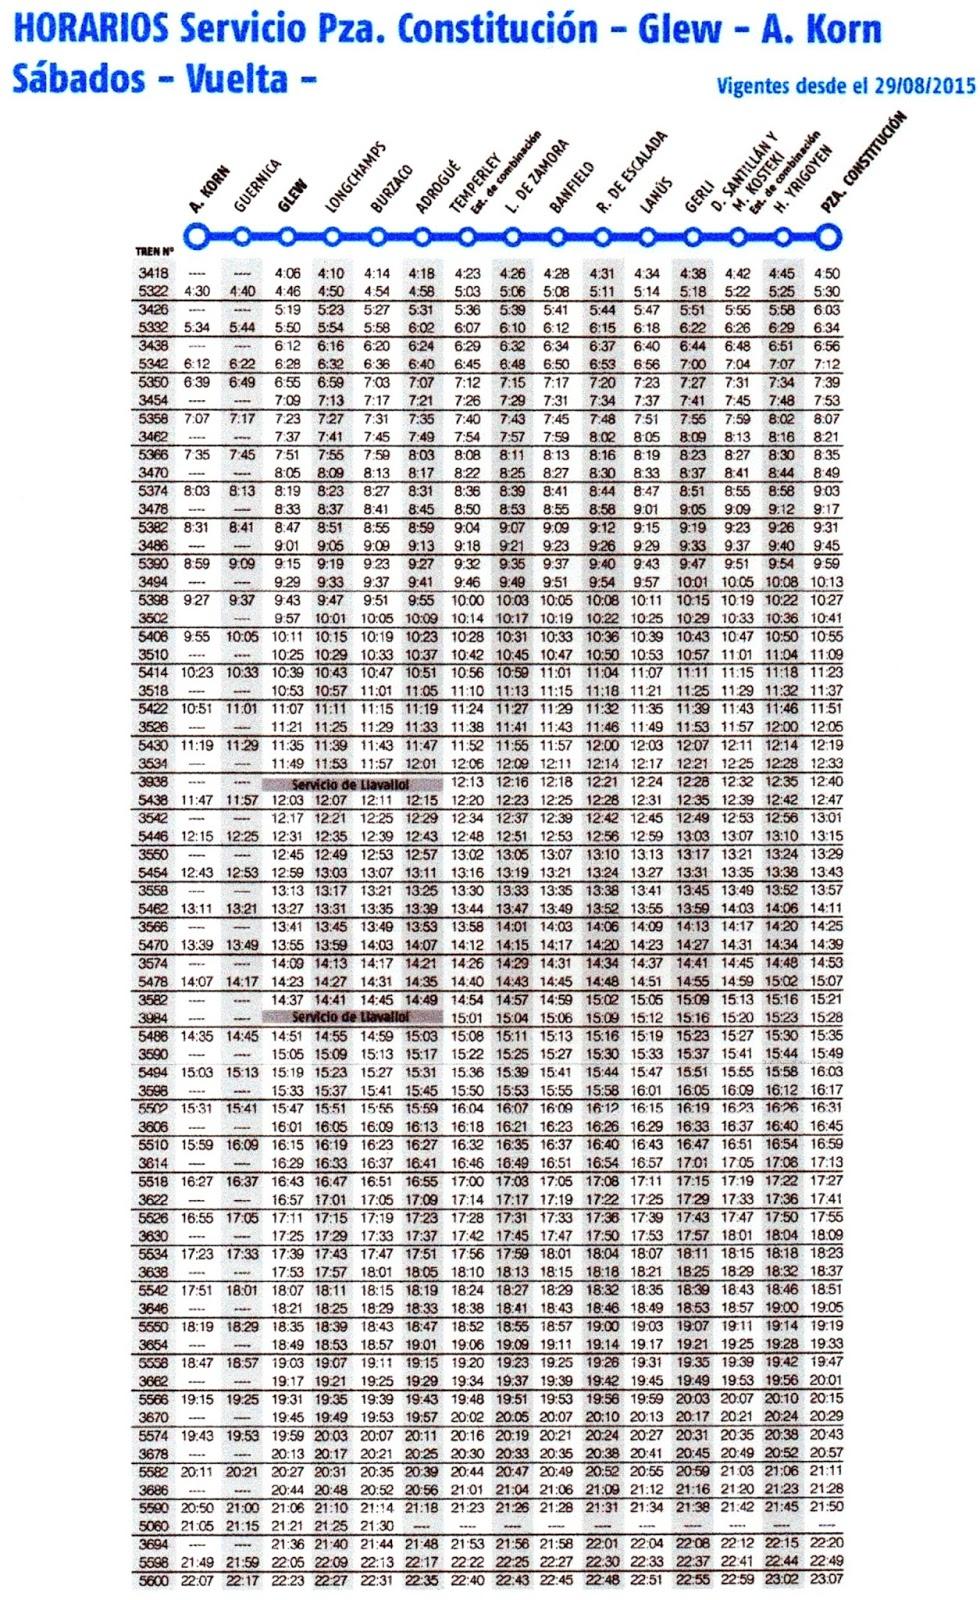 horarios de salida de trenes: